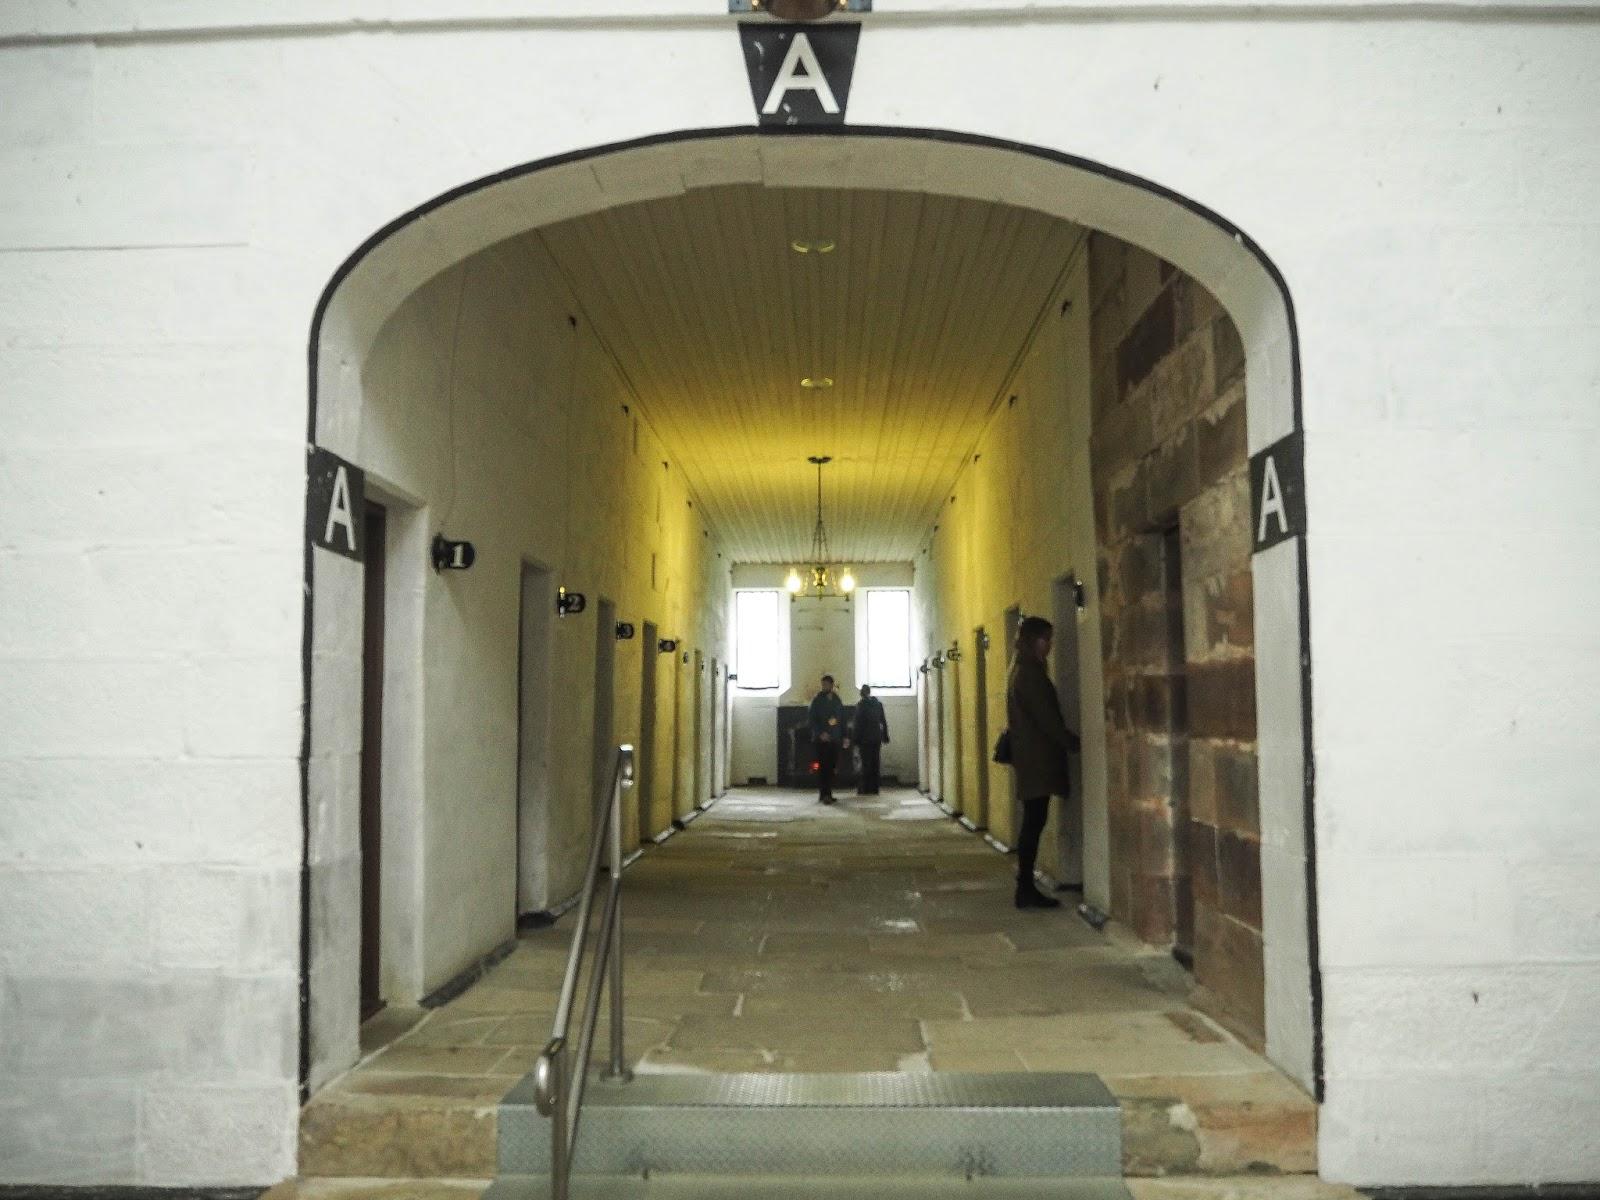 port arthur tasmania prison cells